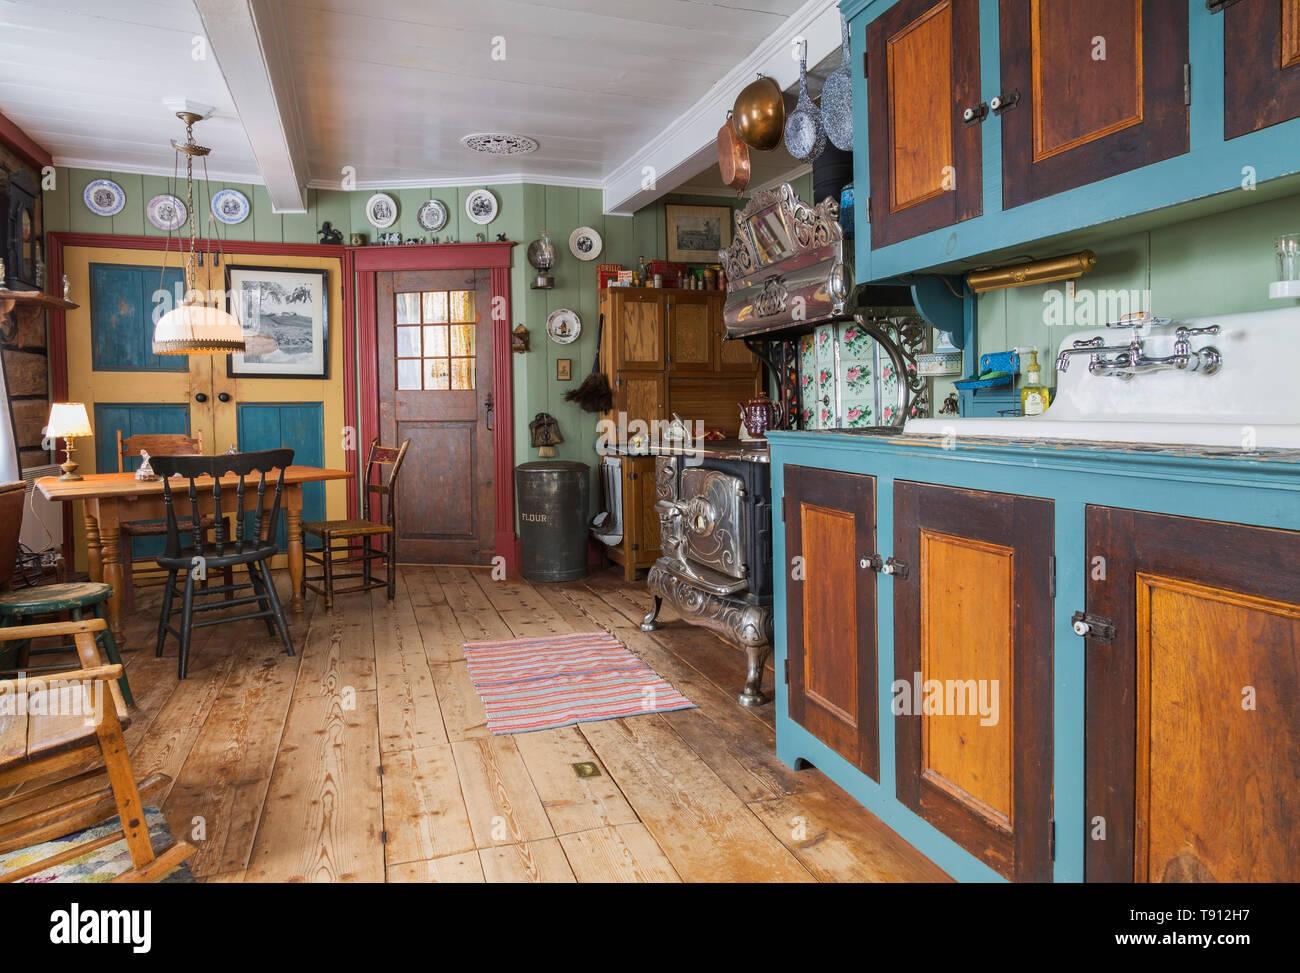 Case Tavolo Legno Cucina Antico.Antique Kettles Immagini Antique Kettles Fotos Stock Alamy